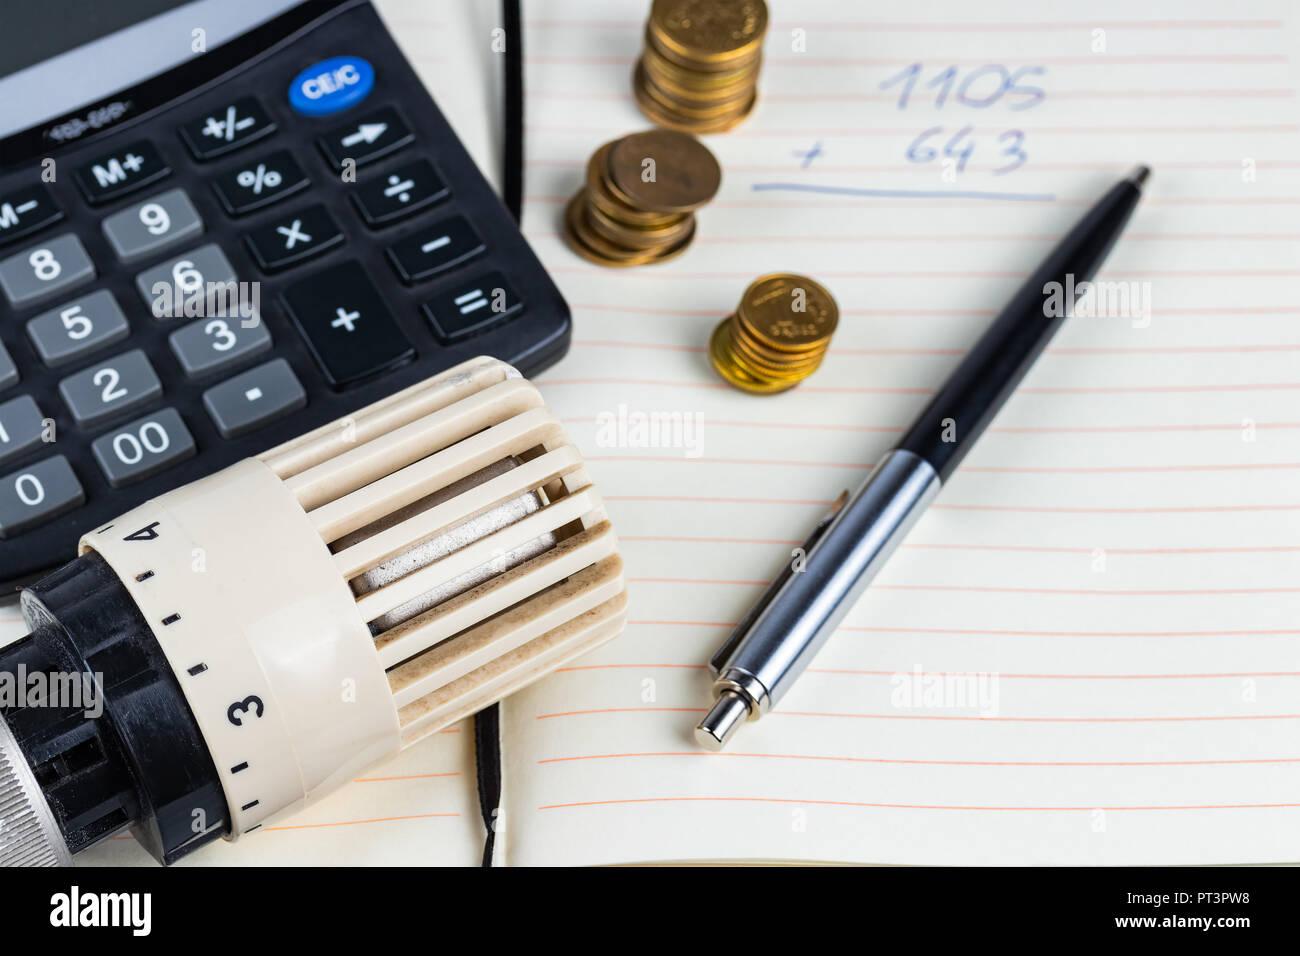 Home Wärme oder Ausgaben Konzept. Kühler Regler mit Münzen und Rechner auf einem Notizblock. Stockbild